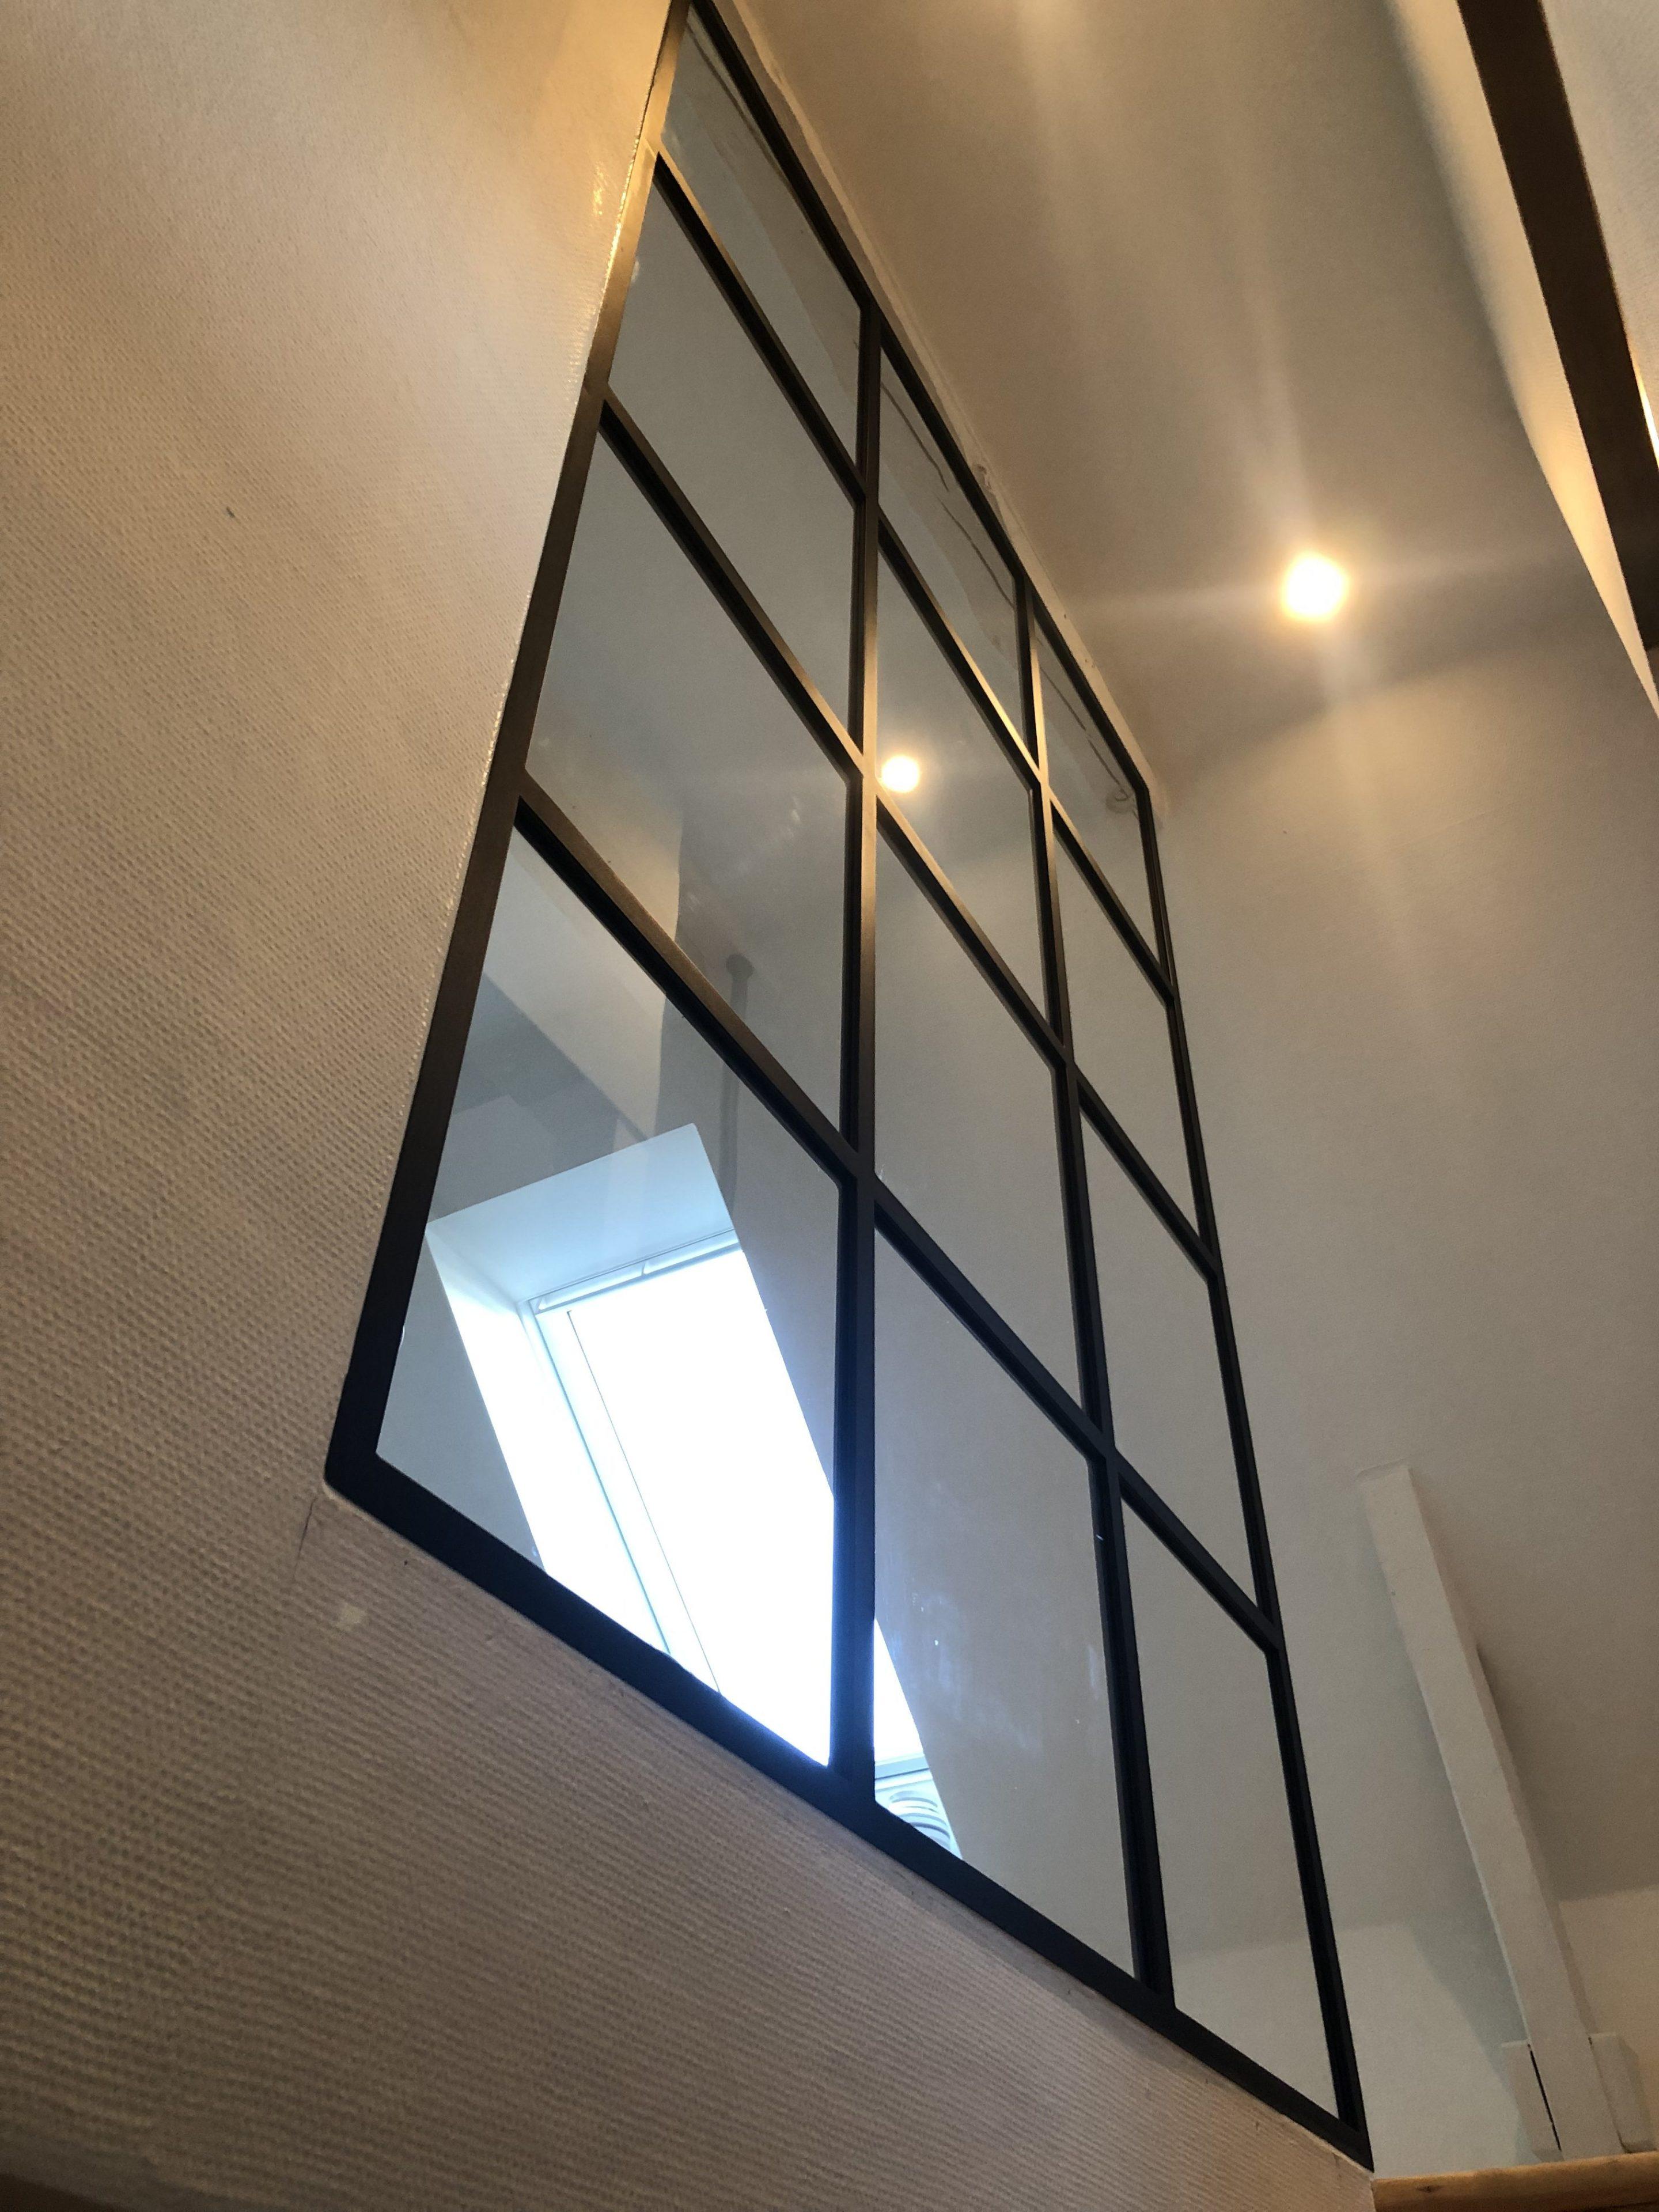 glasvæg-new yorker væg-skillevæg-glasvaeg-trappe glasvæg